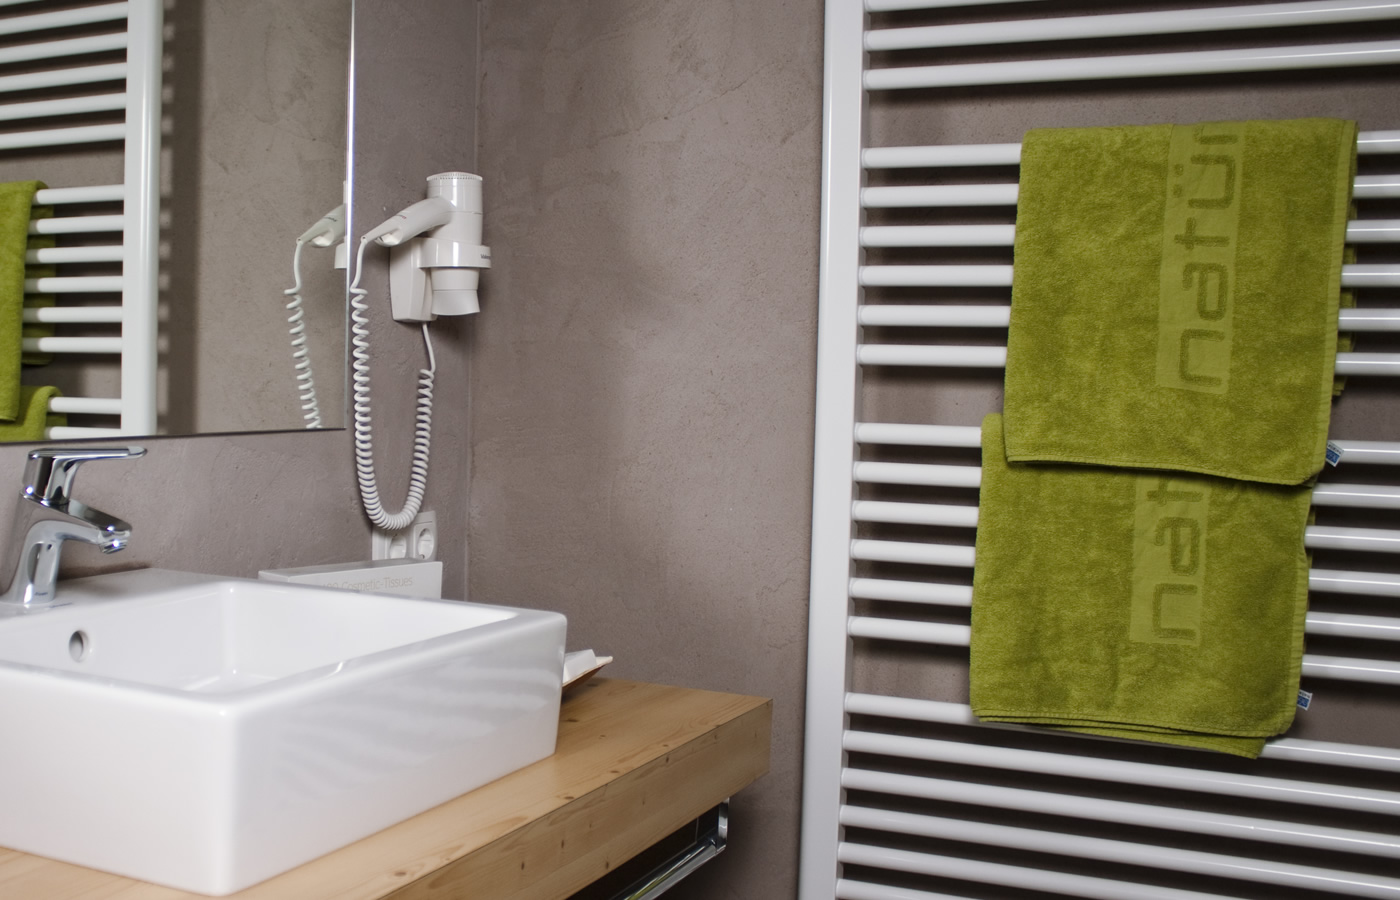 Hotel Badezimmer - Urlaub im Natürlich. Hotel in SFL.